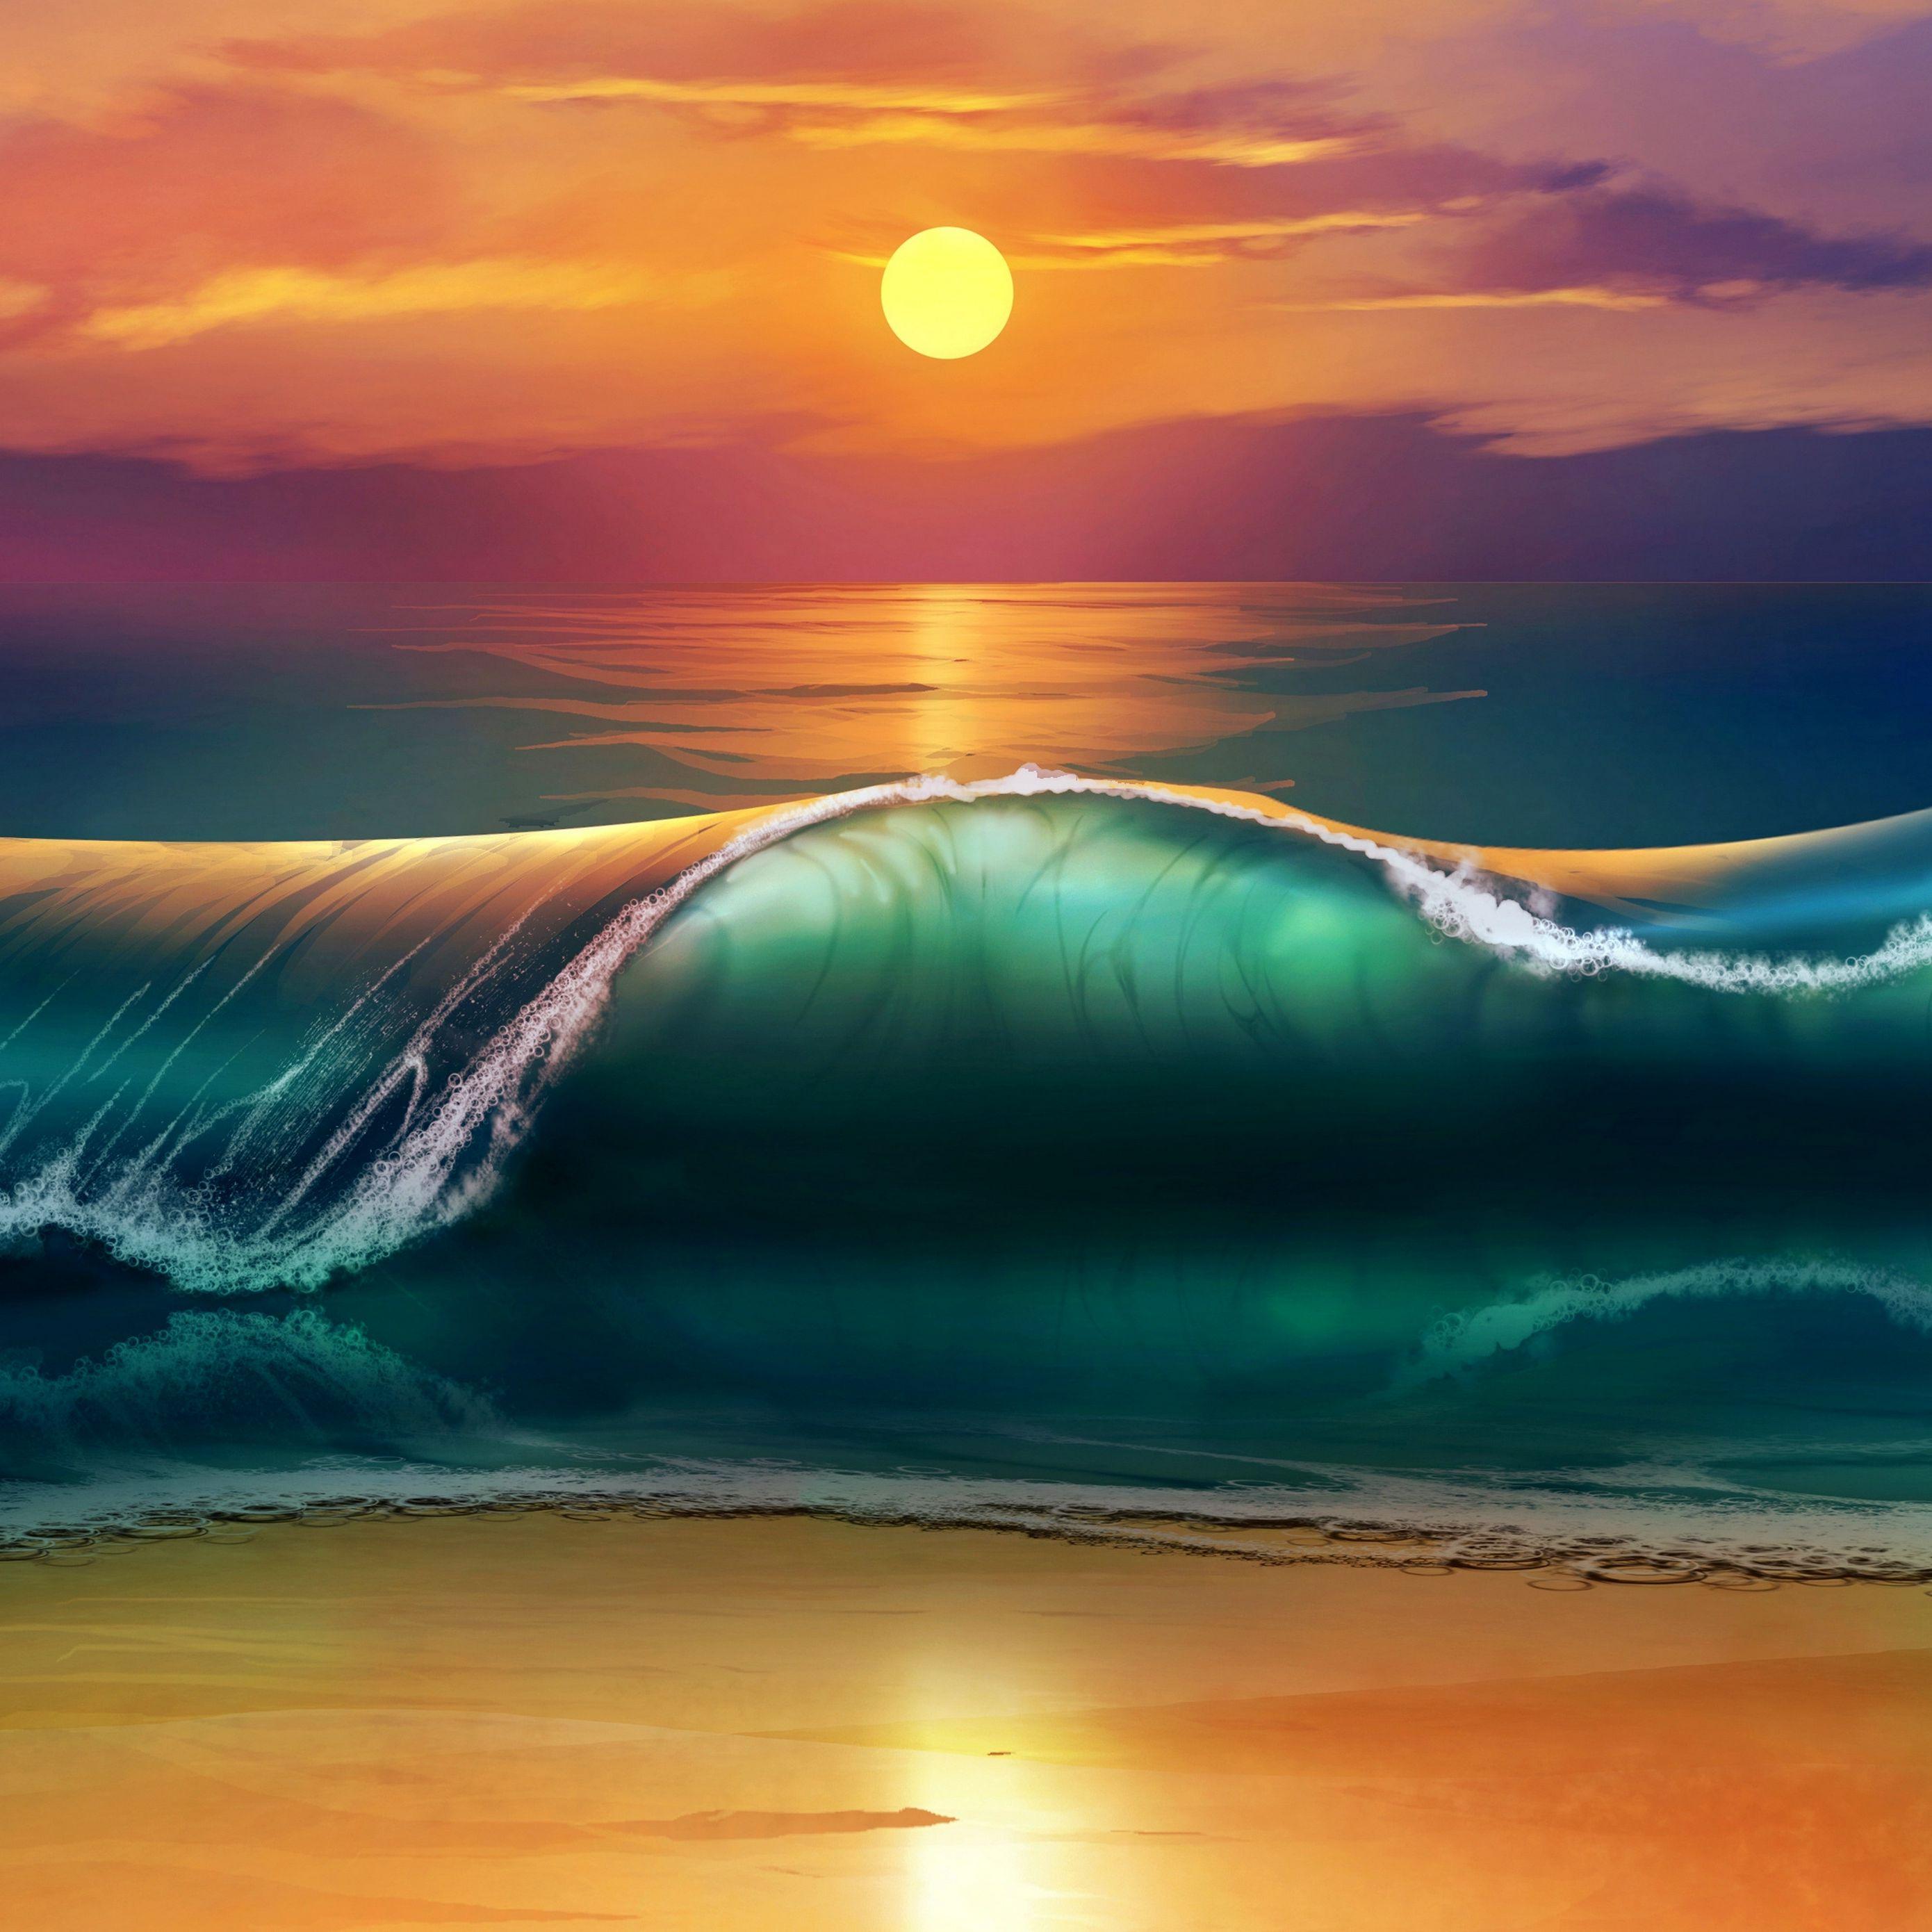 2780x2780 Wallpaper art, sunset, beach, sea, waves